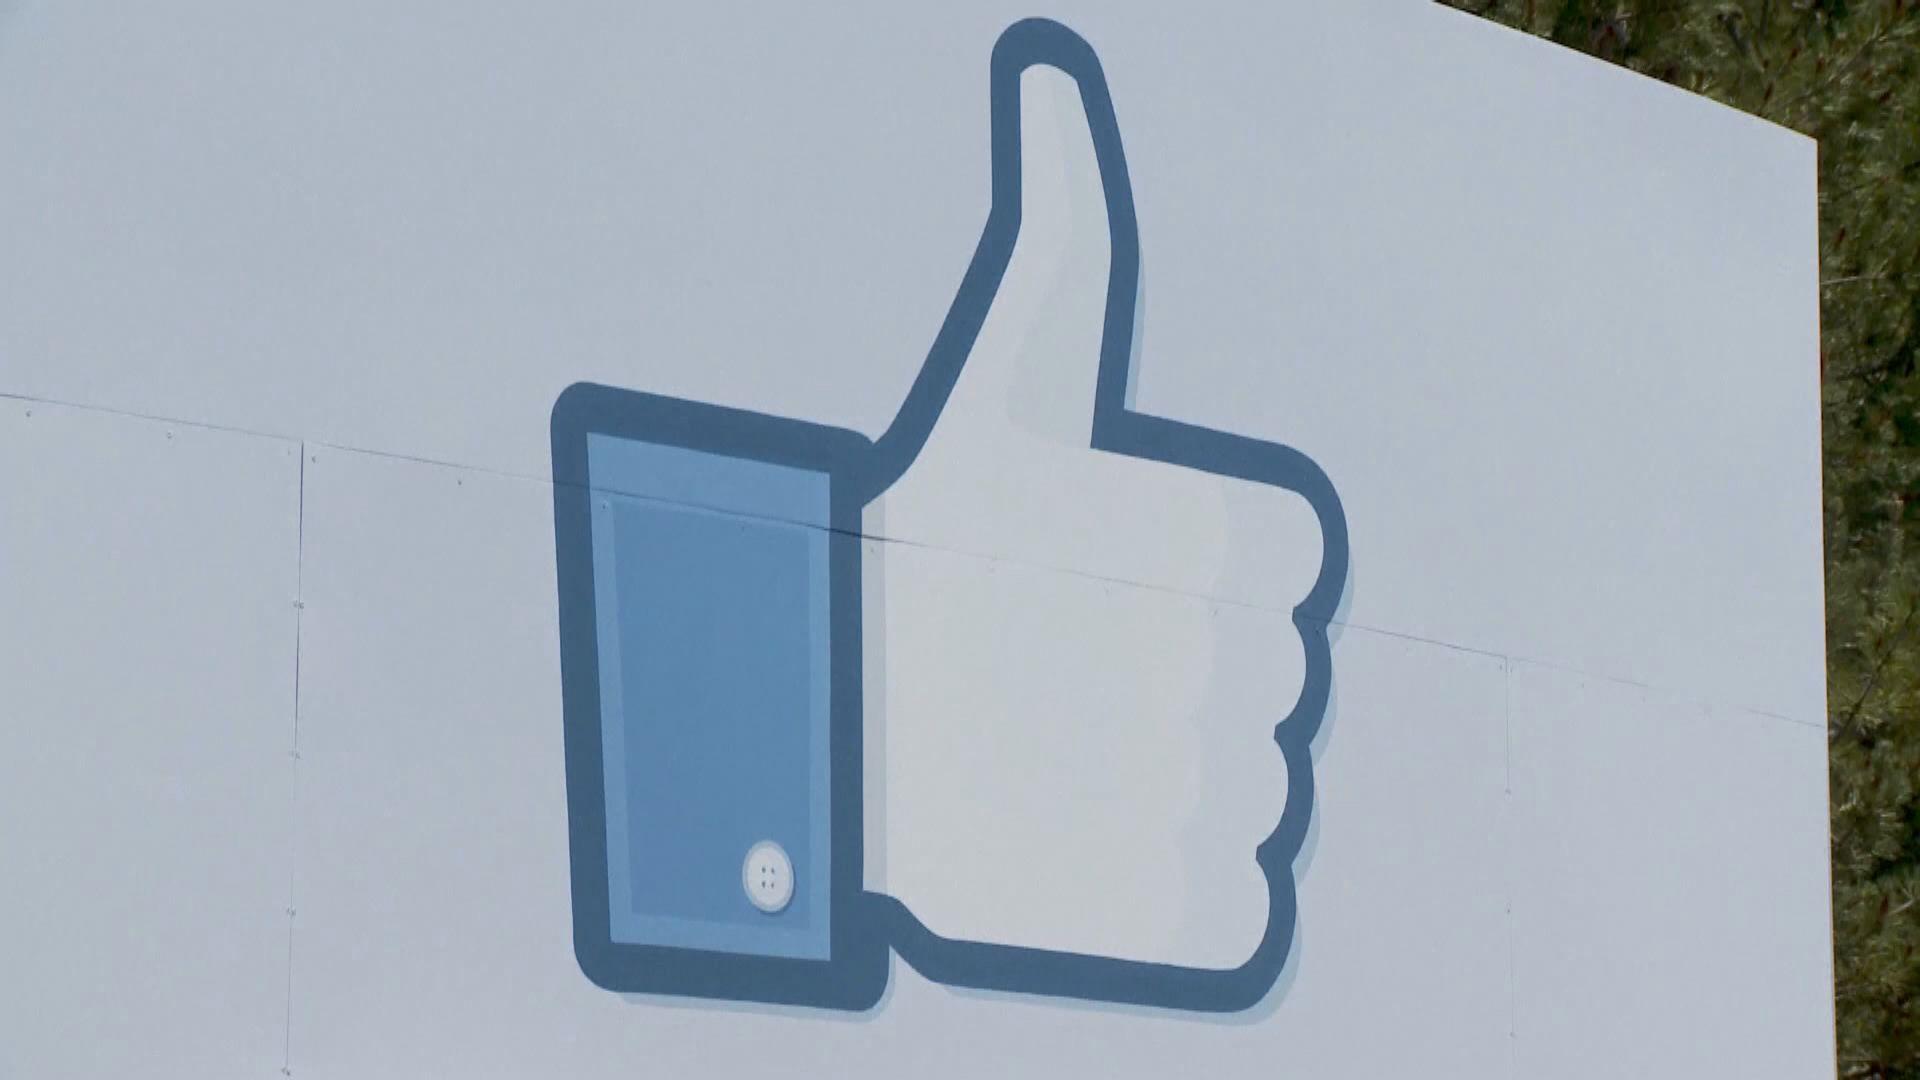 【即日焦點】政府:連日示威42000米欄杆被拆 港鐵提早收車只因安全考慮;FB政治廣告獲豁免事實查證被批任政客散播假資訊